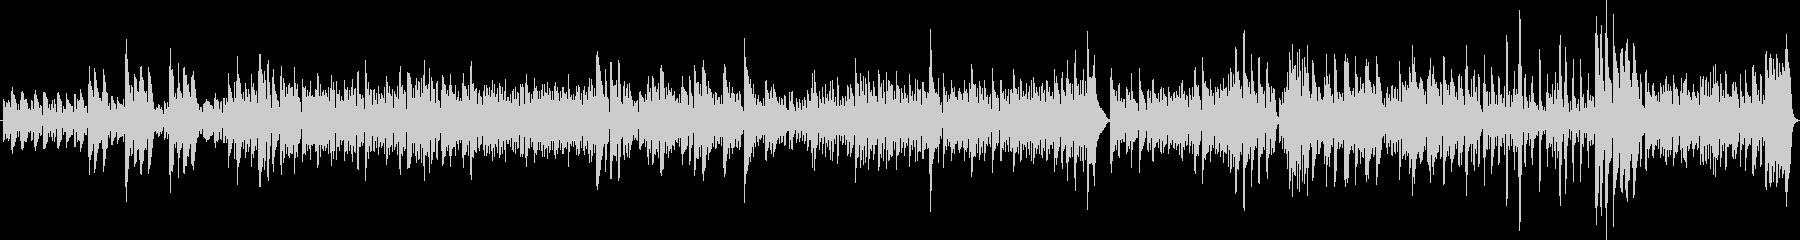 怒り(ソロピアノ・不穏・怖い・暗い)の未再生の波形